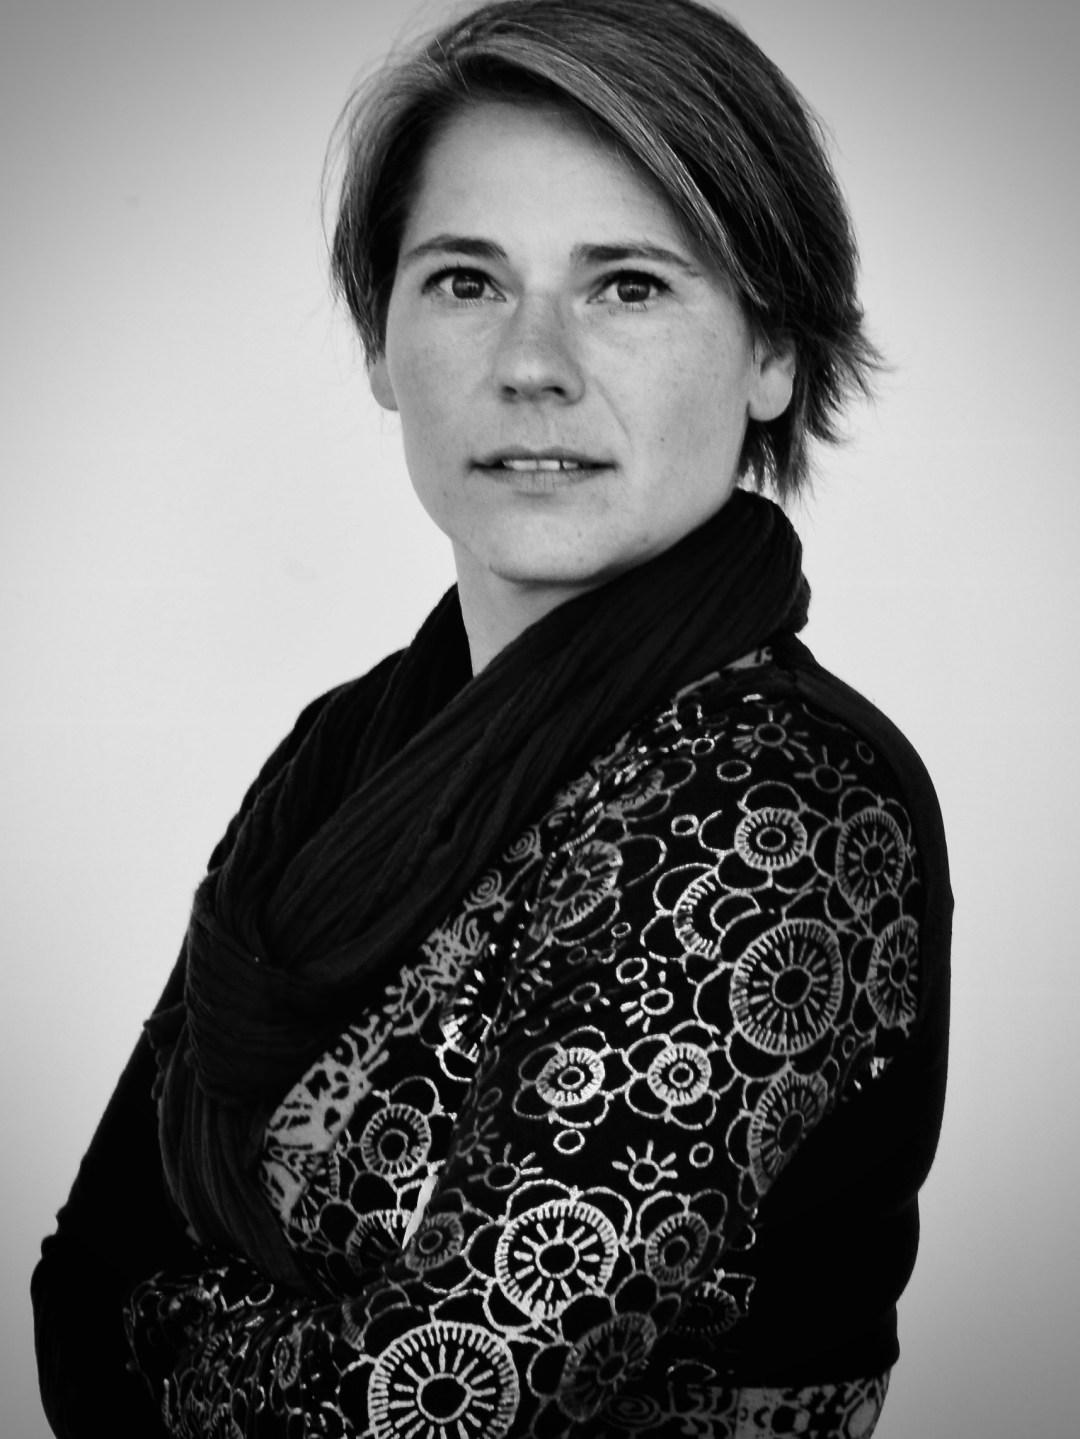 Gisèle Bertino